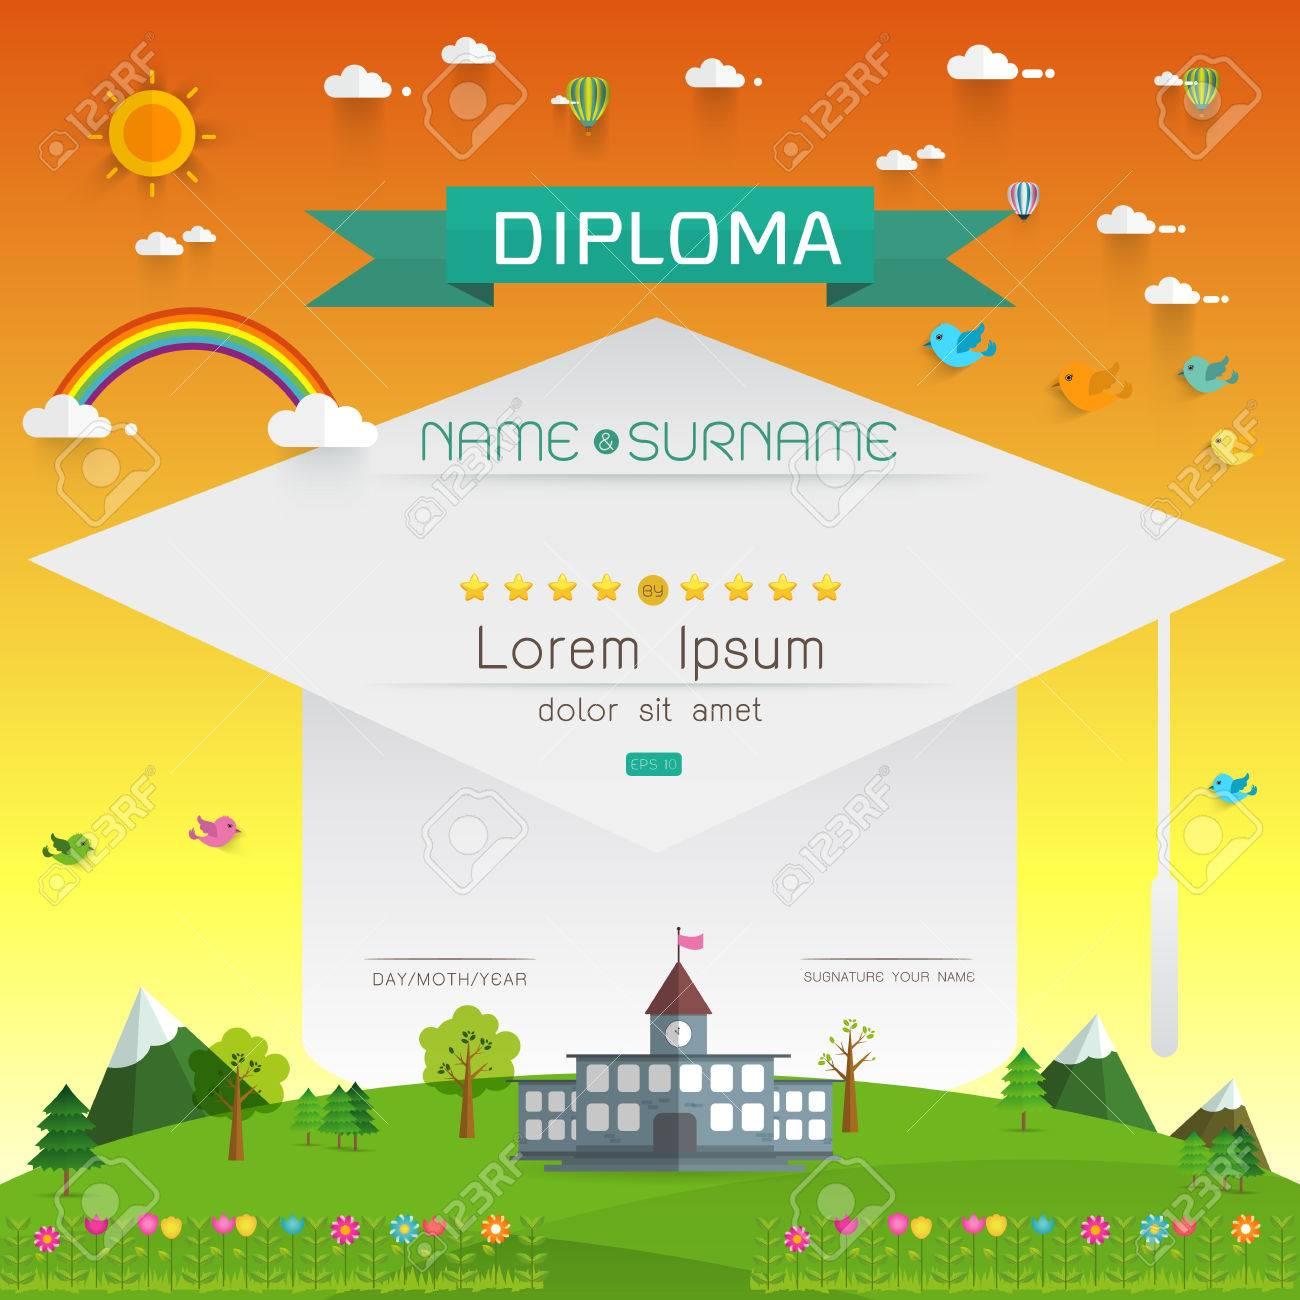 Niños Diploma Certificado, Guardería Diseño De La Plantilla Del ...